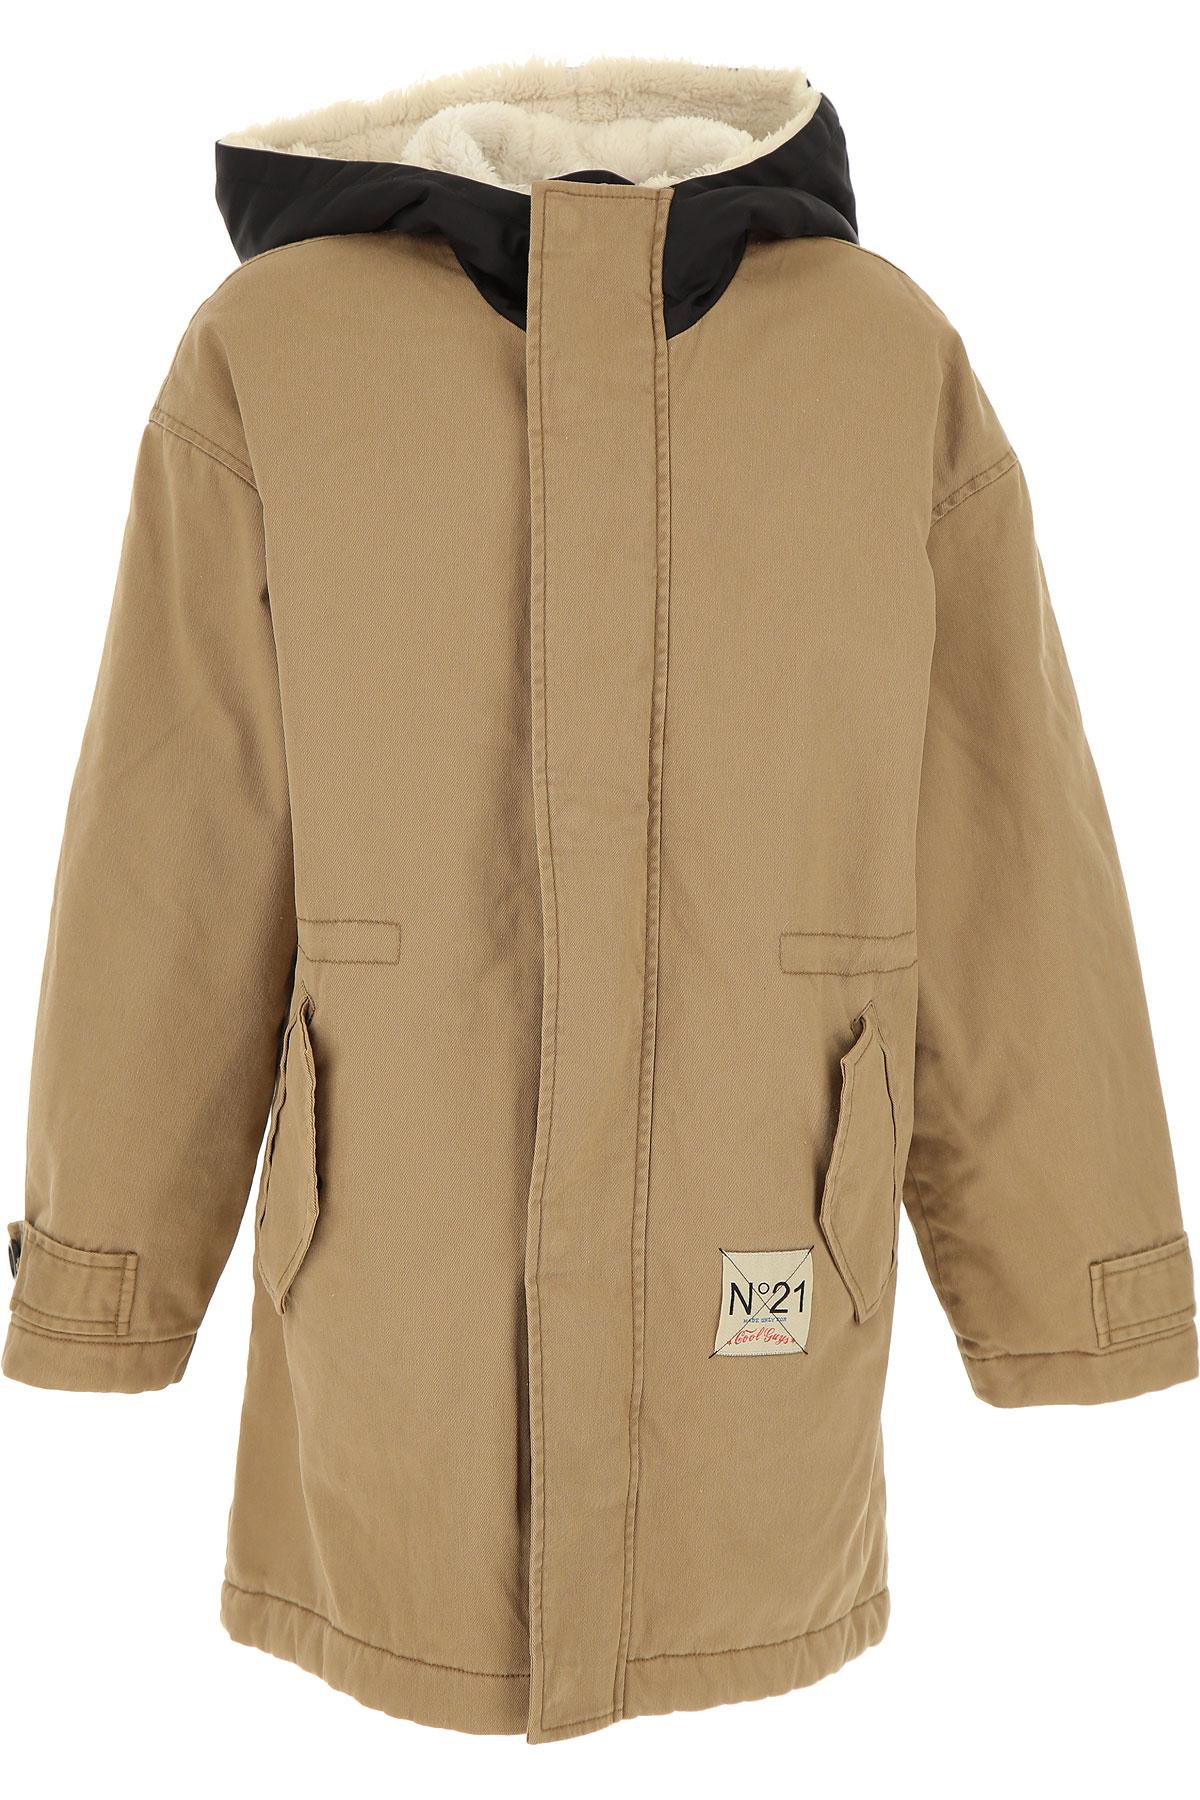 NO 21 Kids Jacket for Boys On Sale, Sand, Cotton, 2019, 10Y 12Y 14Y 8Y